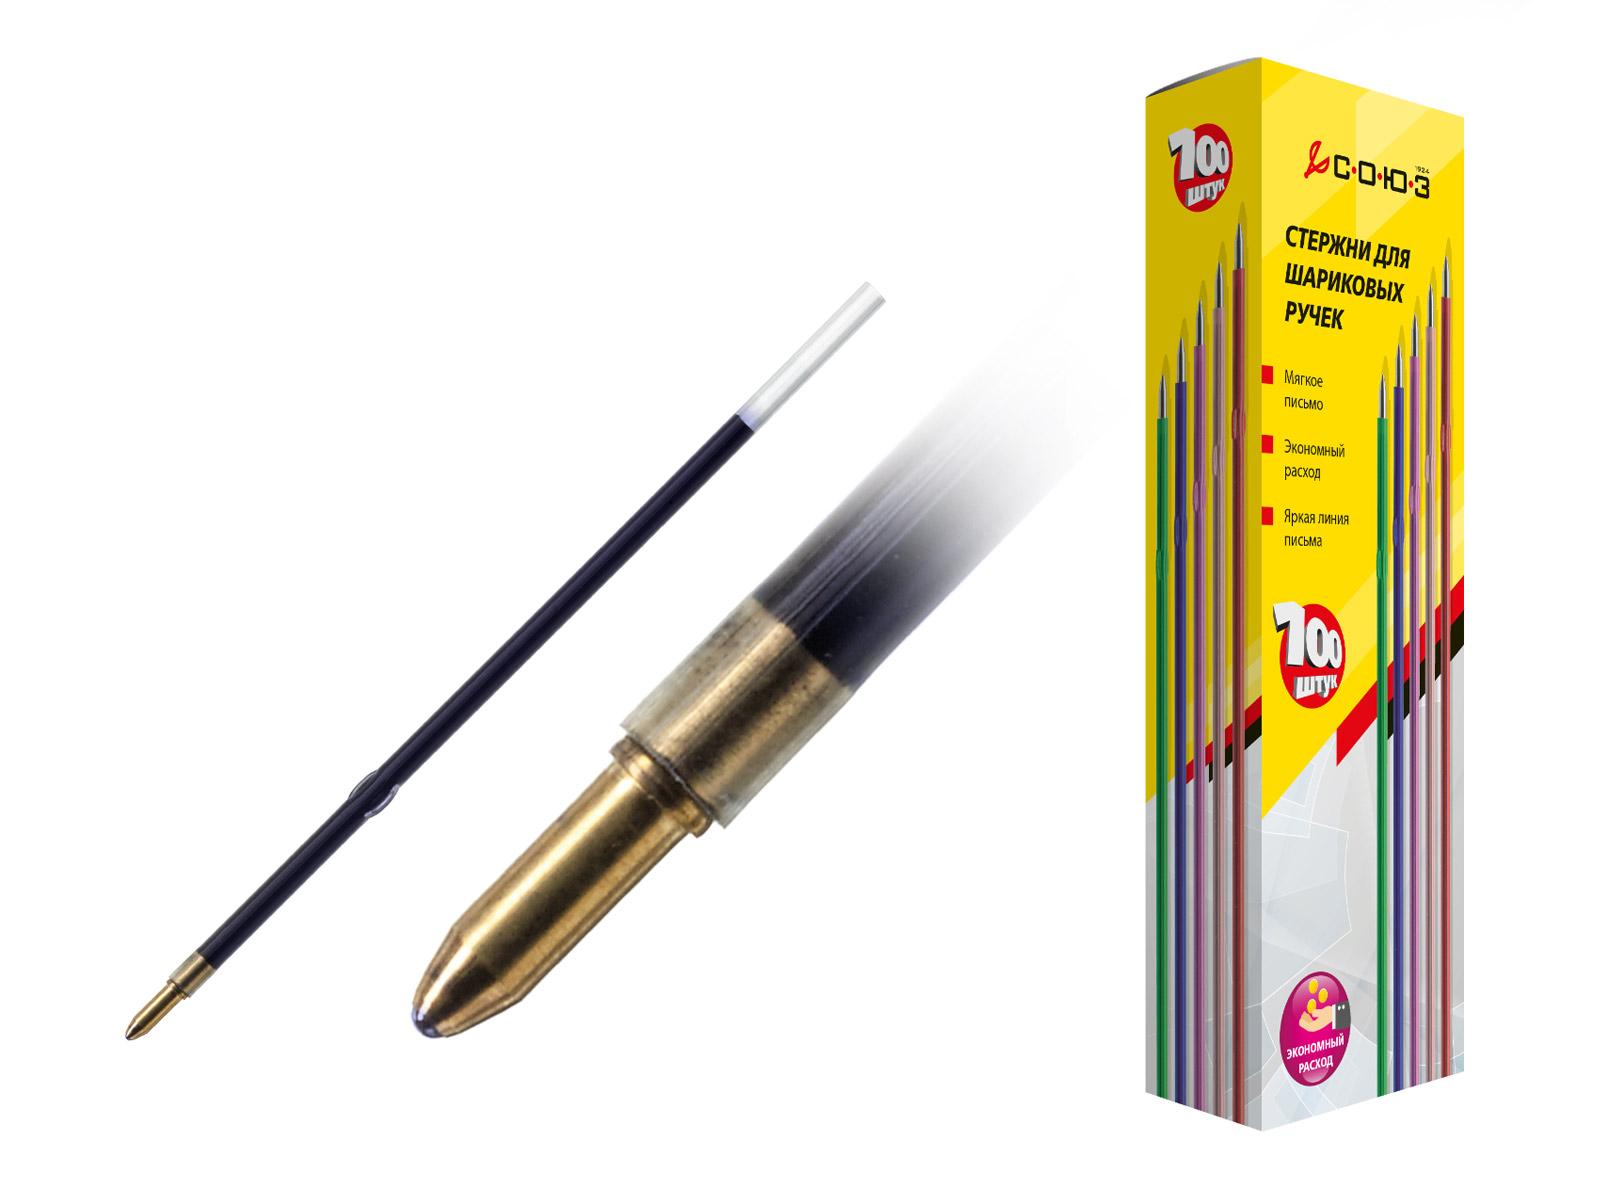 Стержни для шариковых ручек УП107(Х10)